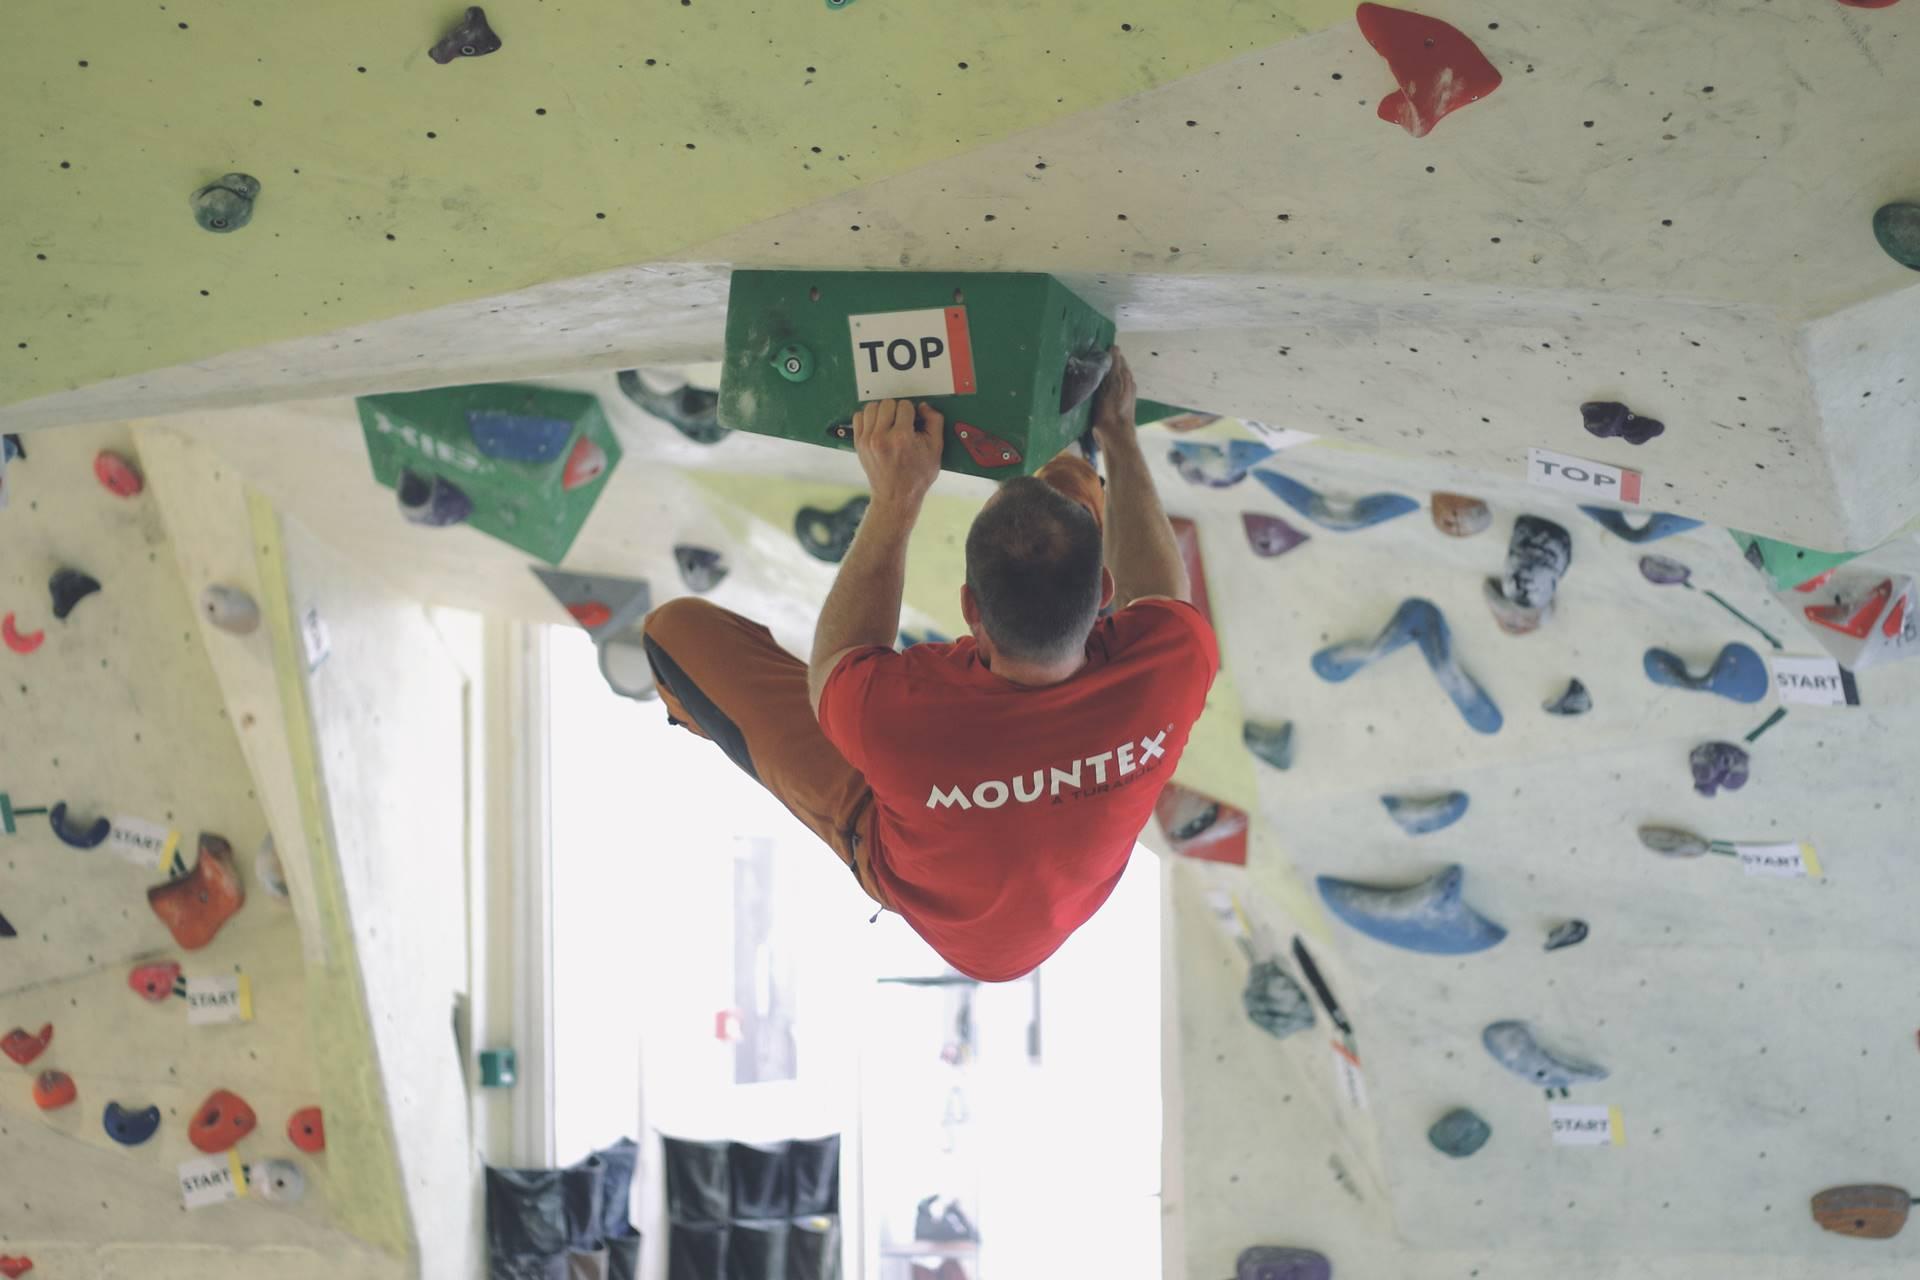 Megújult az ikonikus Mountex Boulder-7